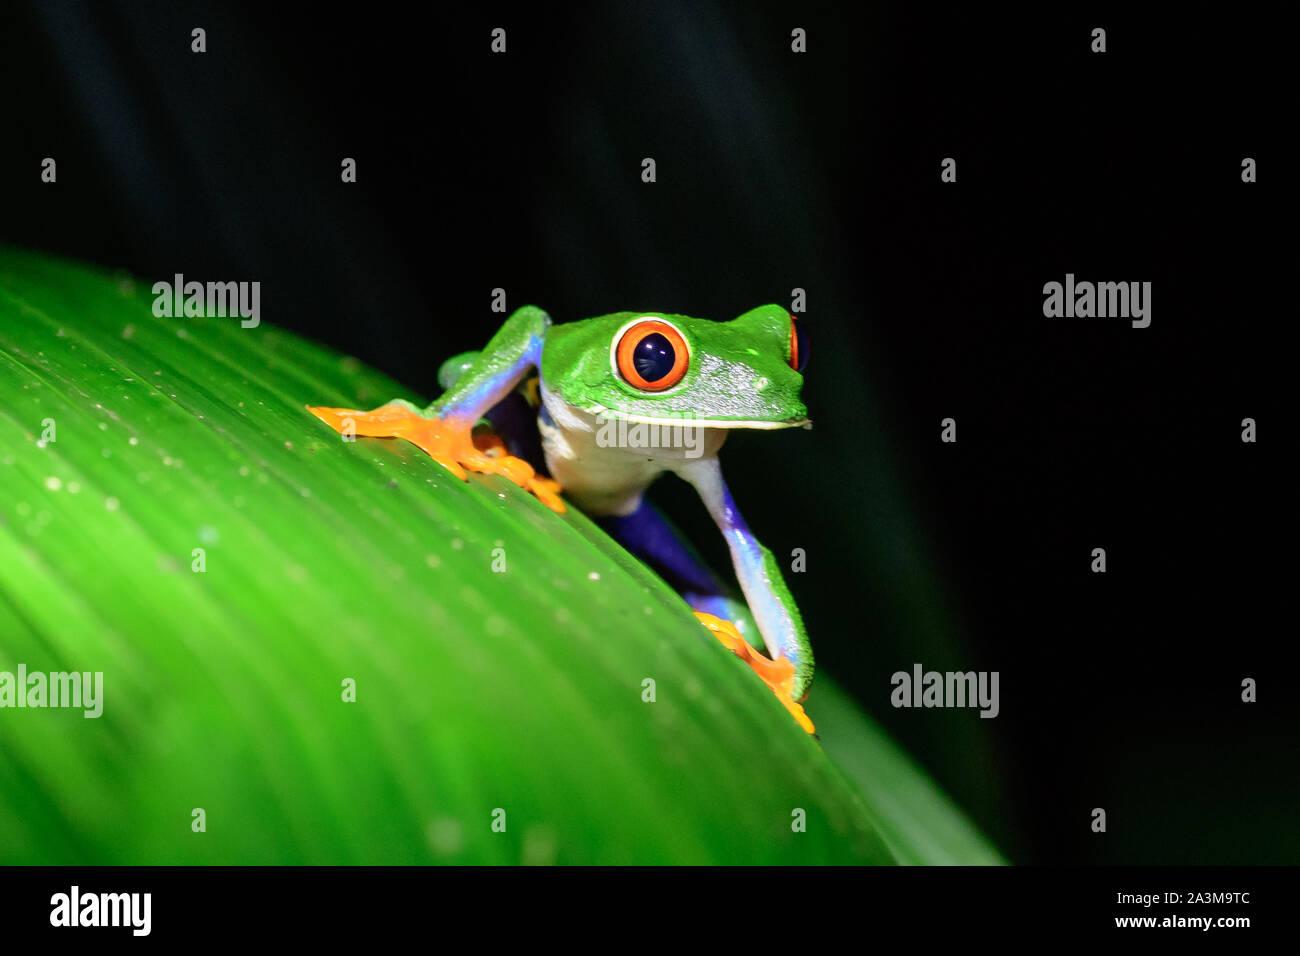 Red Eyed Tree Frog auf einer Anlage Stockfoto